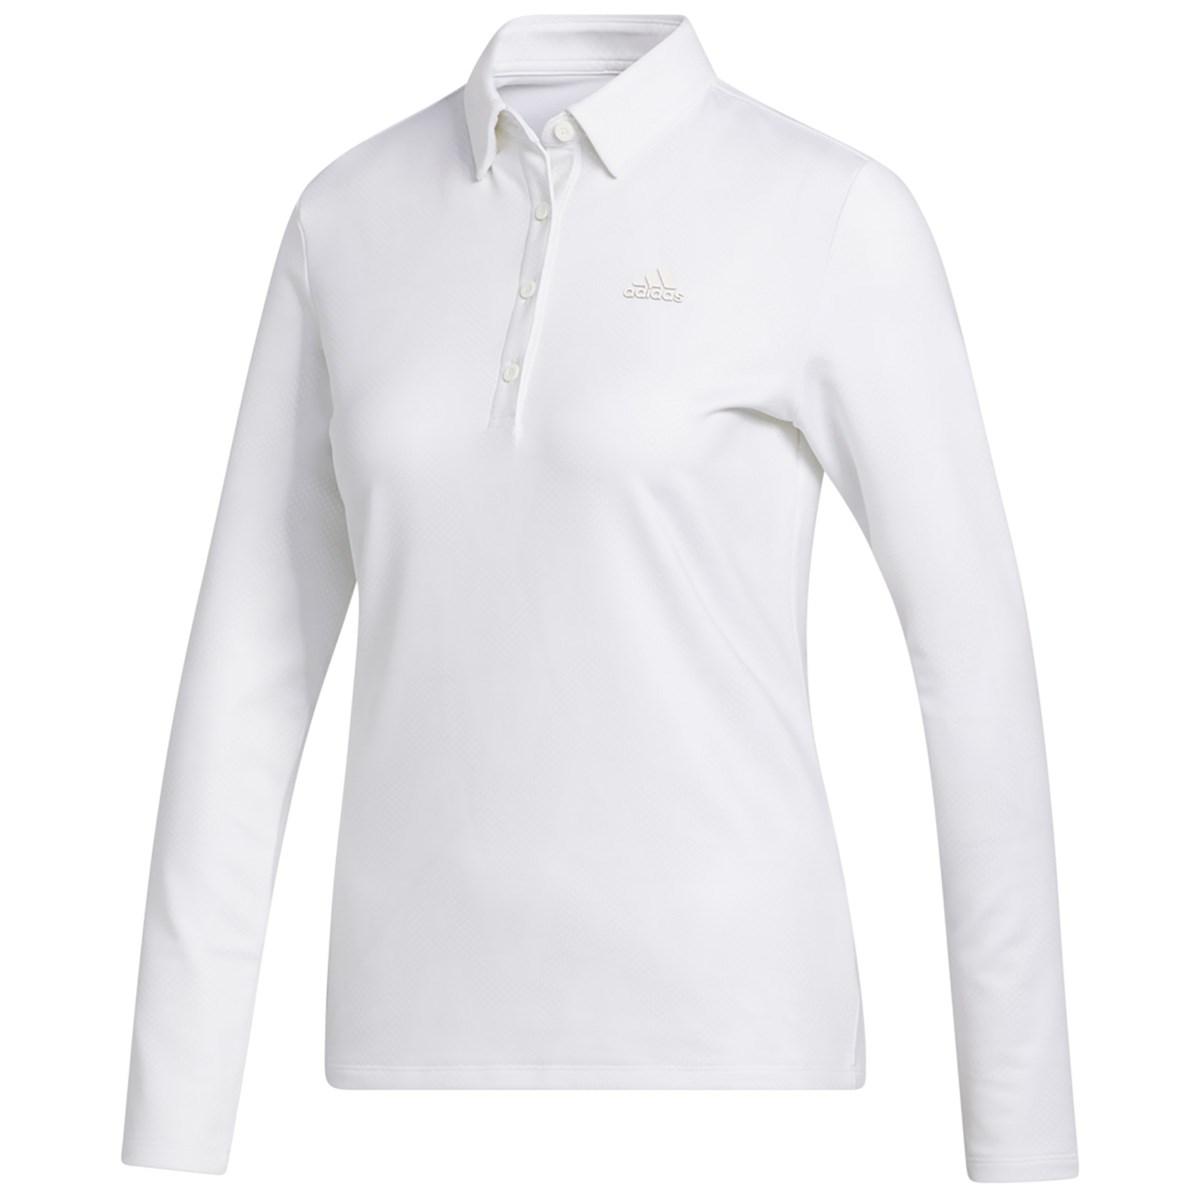 アディダス Adidas ジオメトリックパターン ストレッチ長袖ポロシャツ J/M オフホワイト レディス